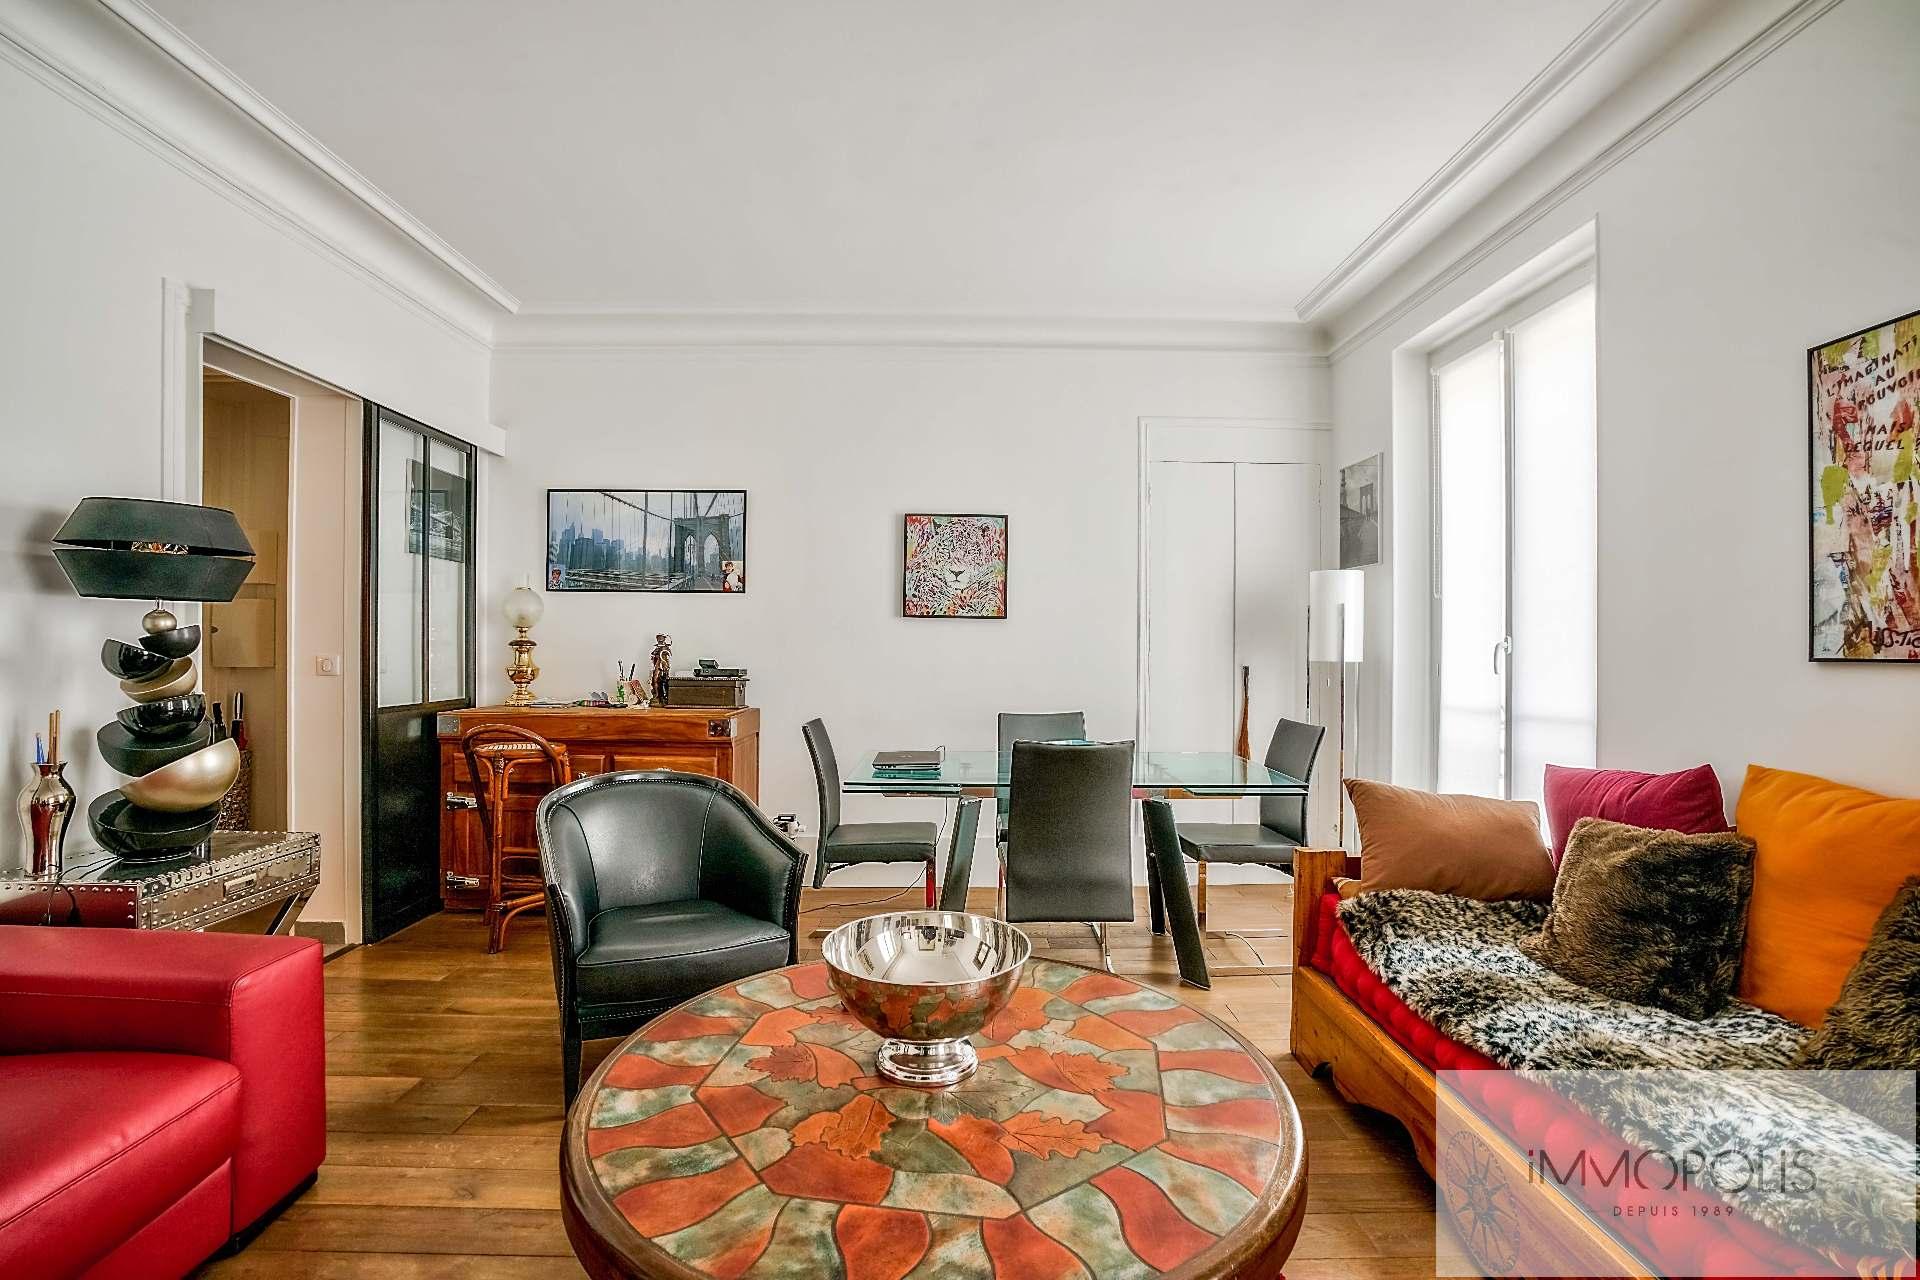 Superbe 3 pièces (1 chambre) à Montmartre, en 3e étage avec ascenseur : belles prestations ! 2